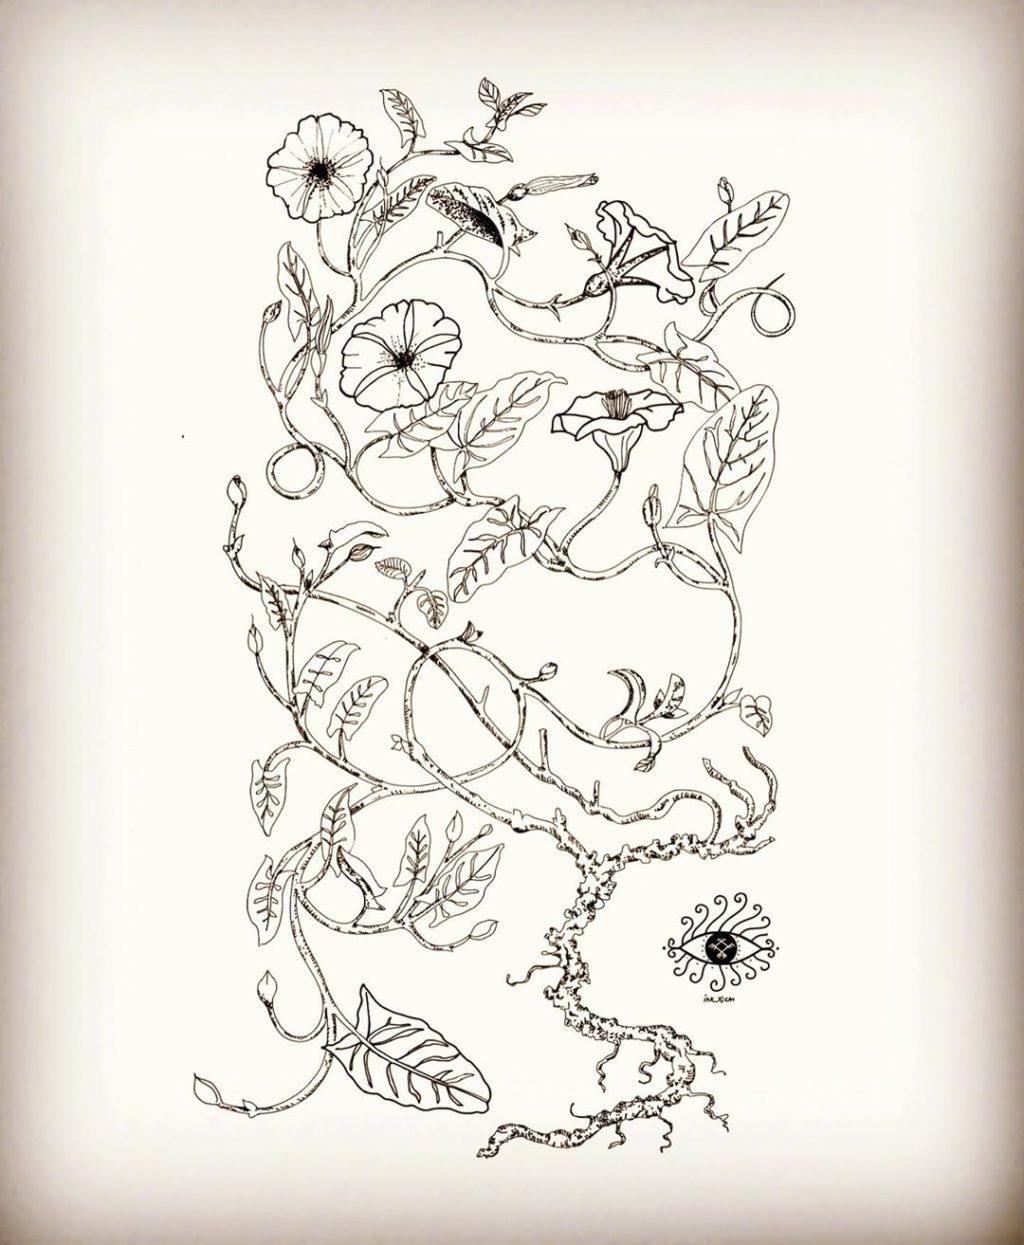 Animales & Naturaleza (il.)